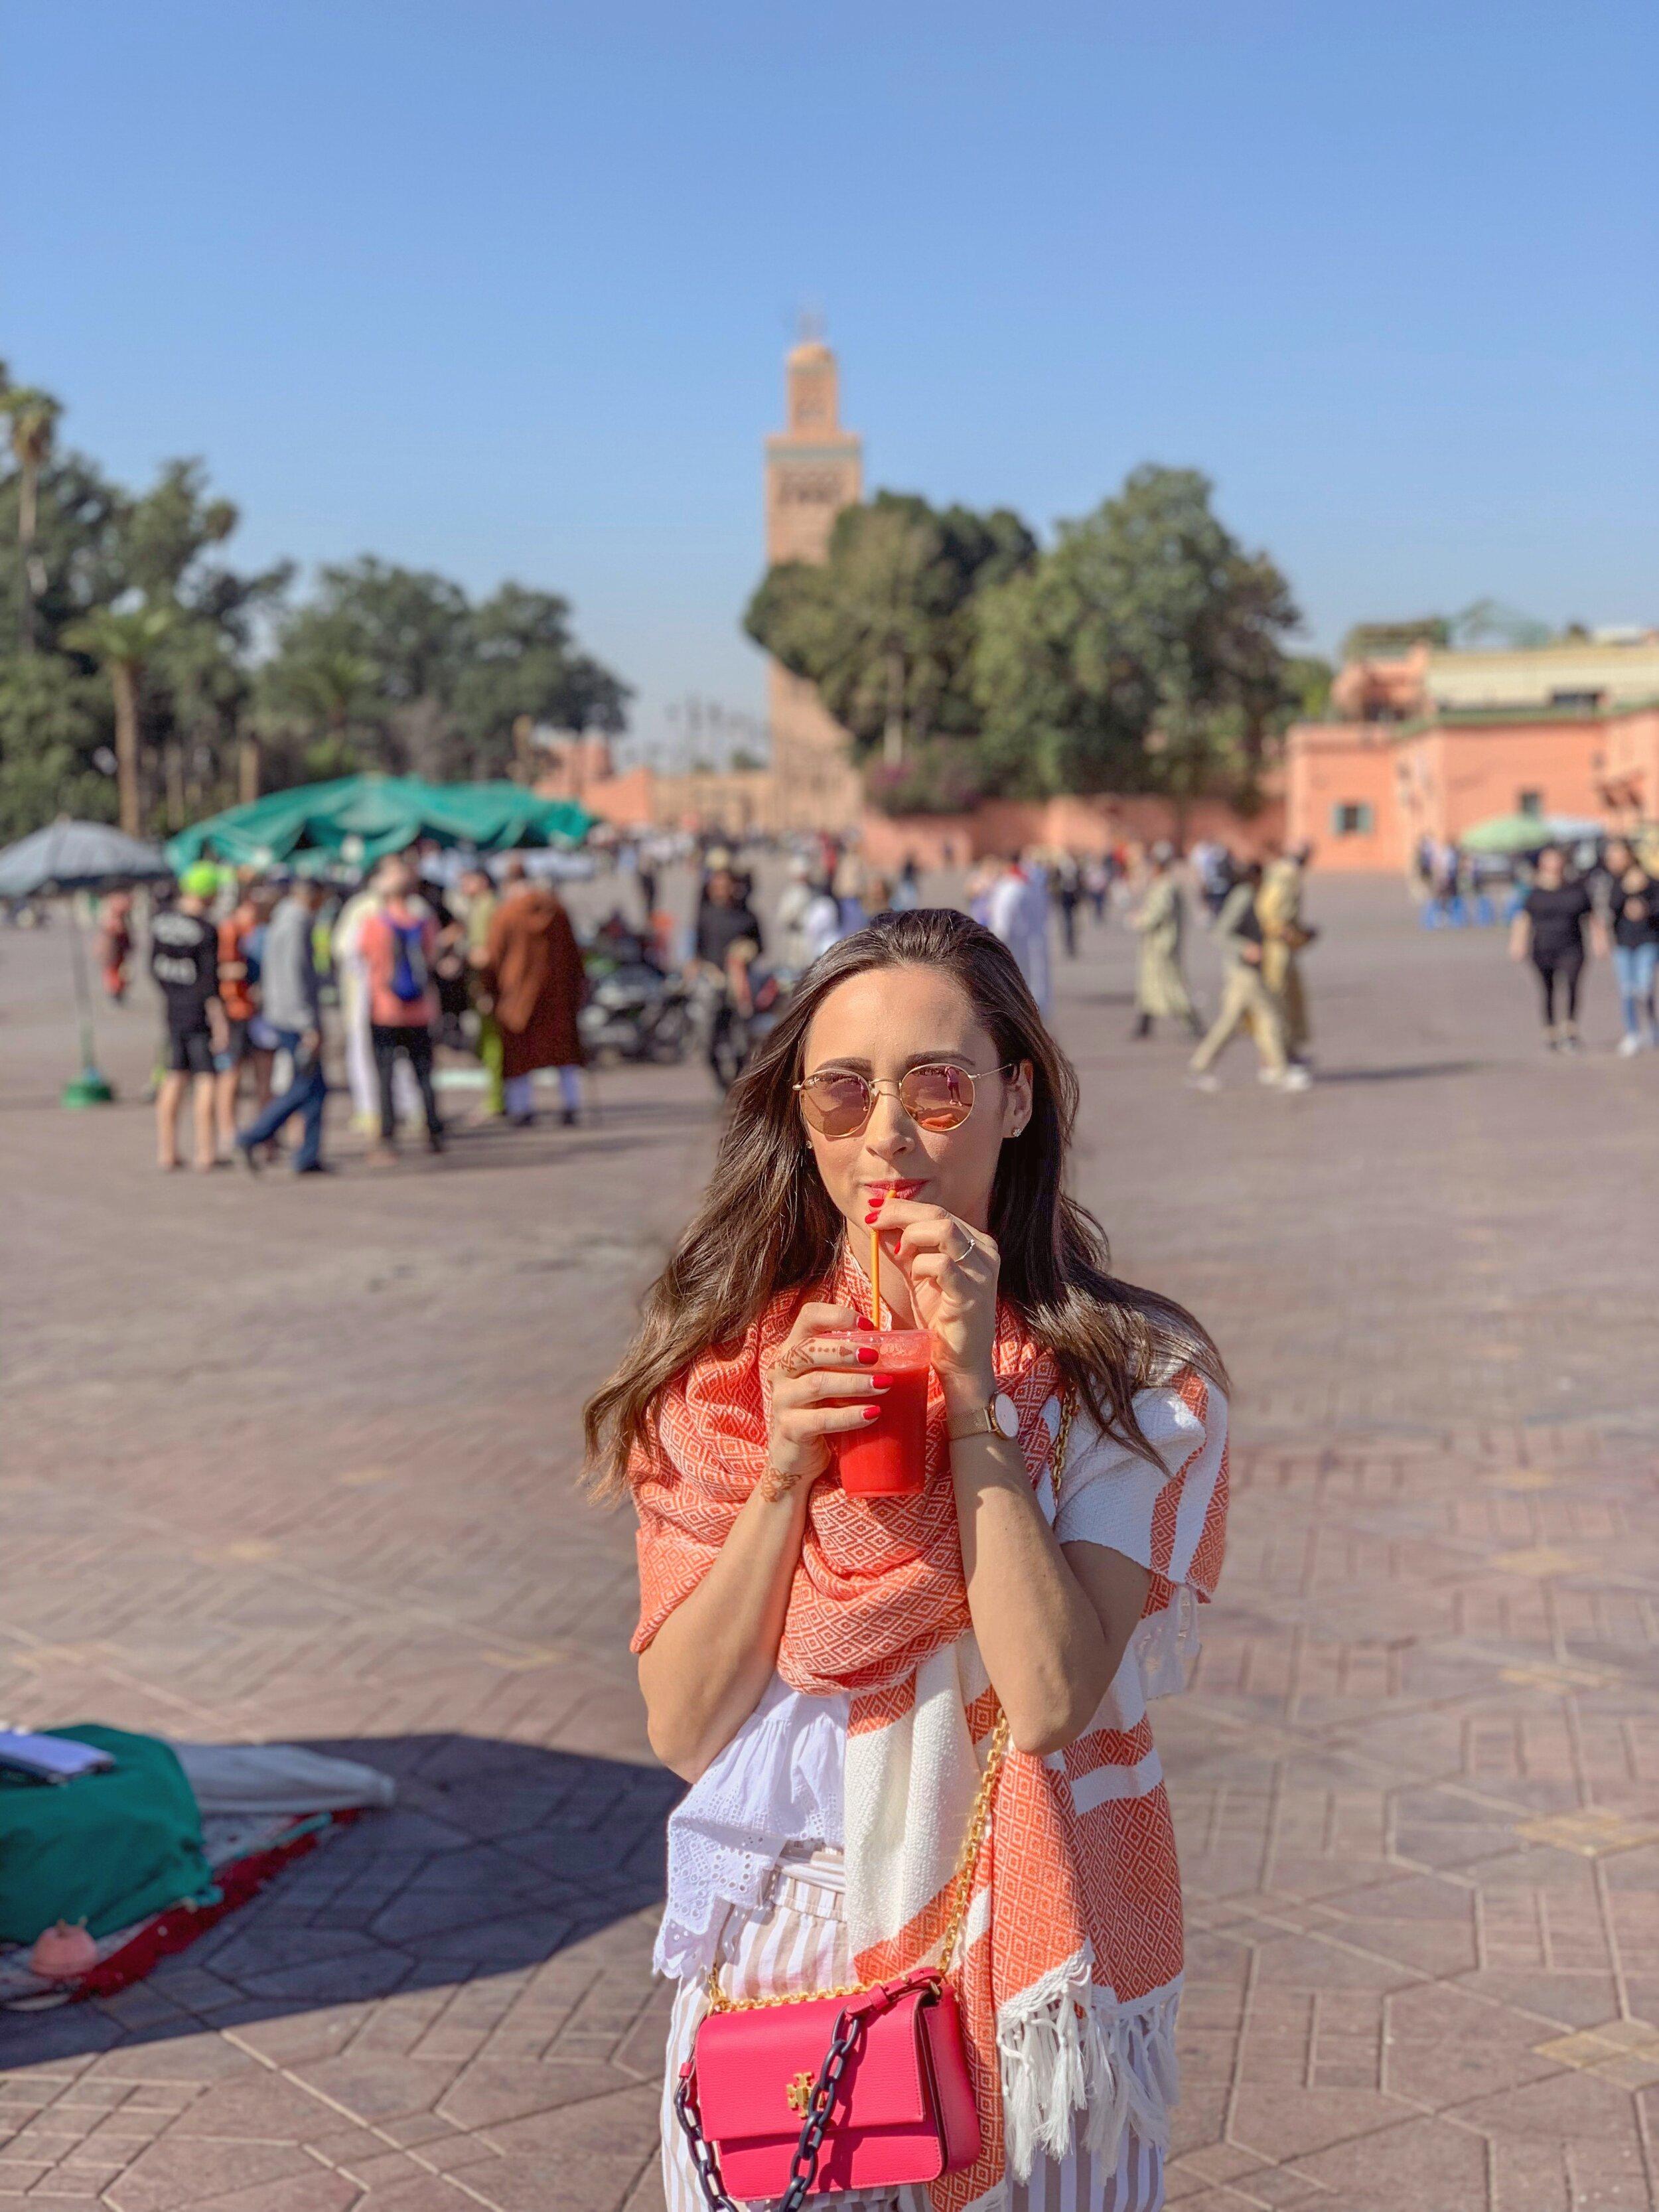 Jemma el-Fnaa in Marrakech, Morocco